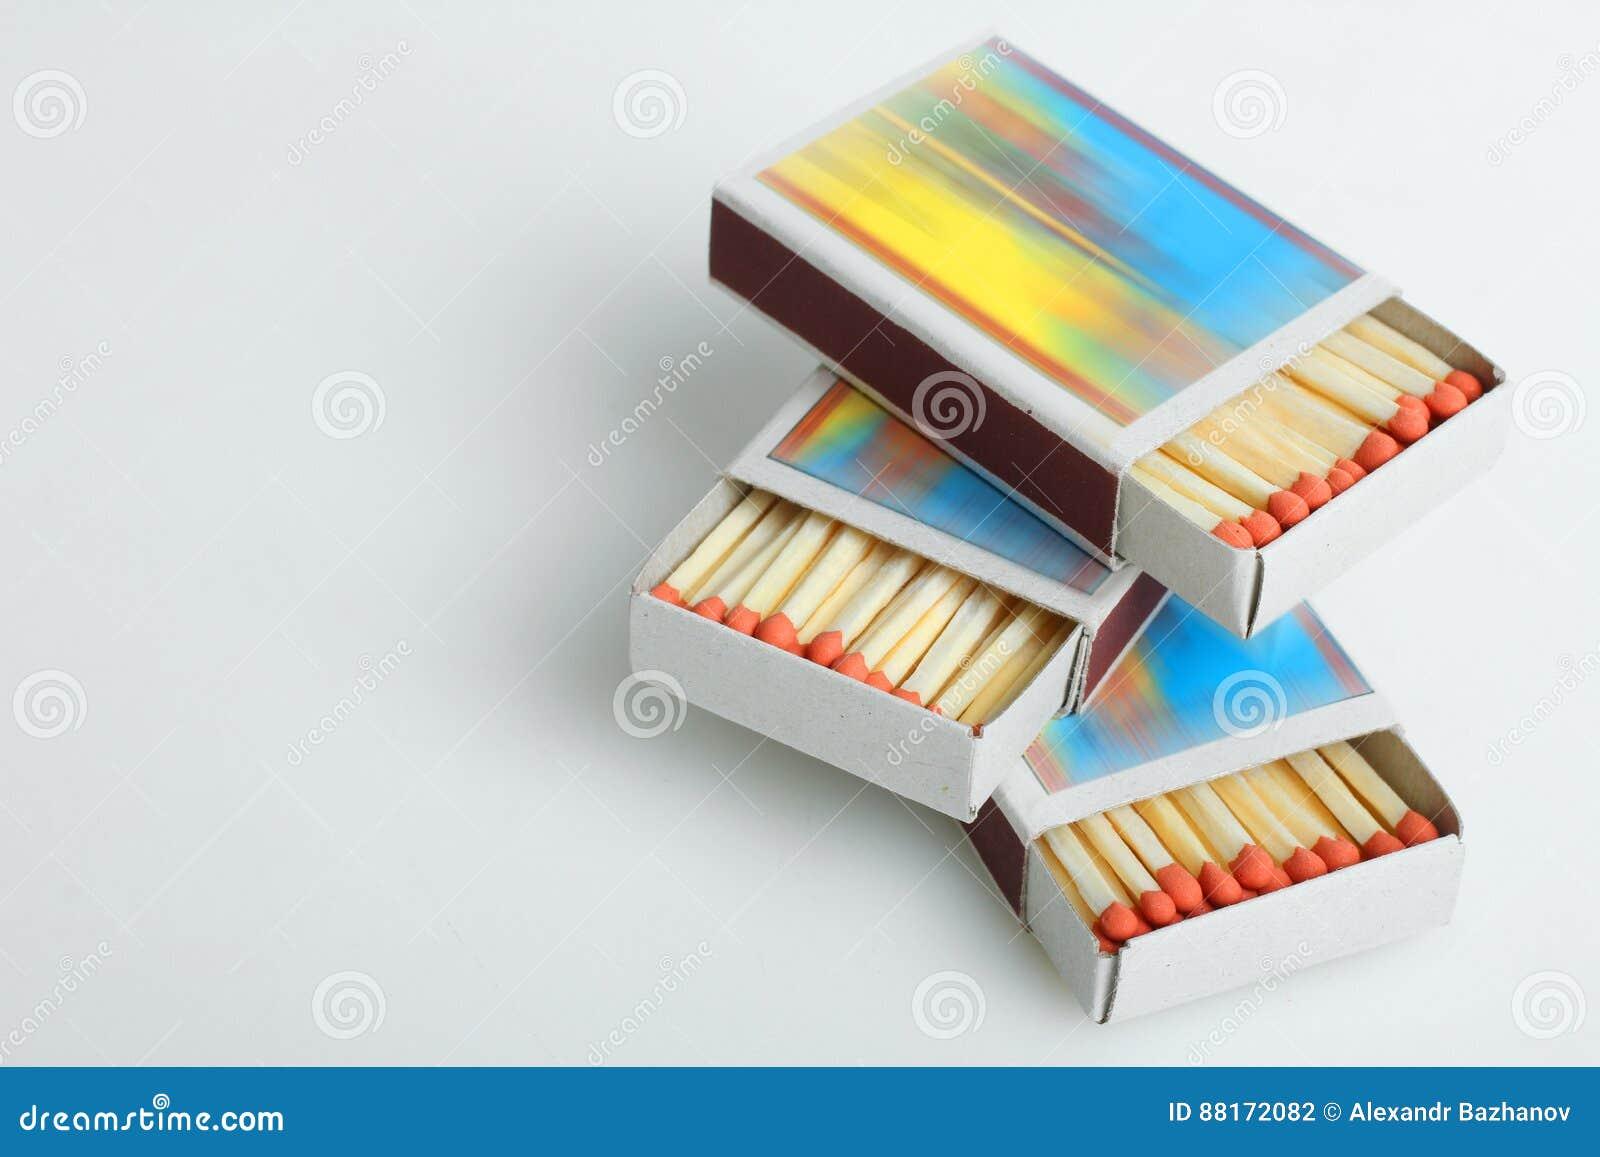 Коробка с спичками стоковое фото. изображение насчитывающей спичками - 88172082